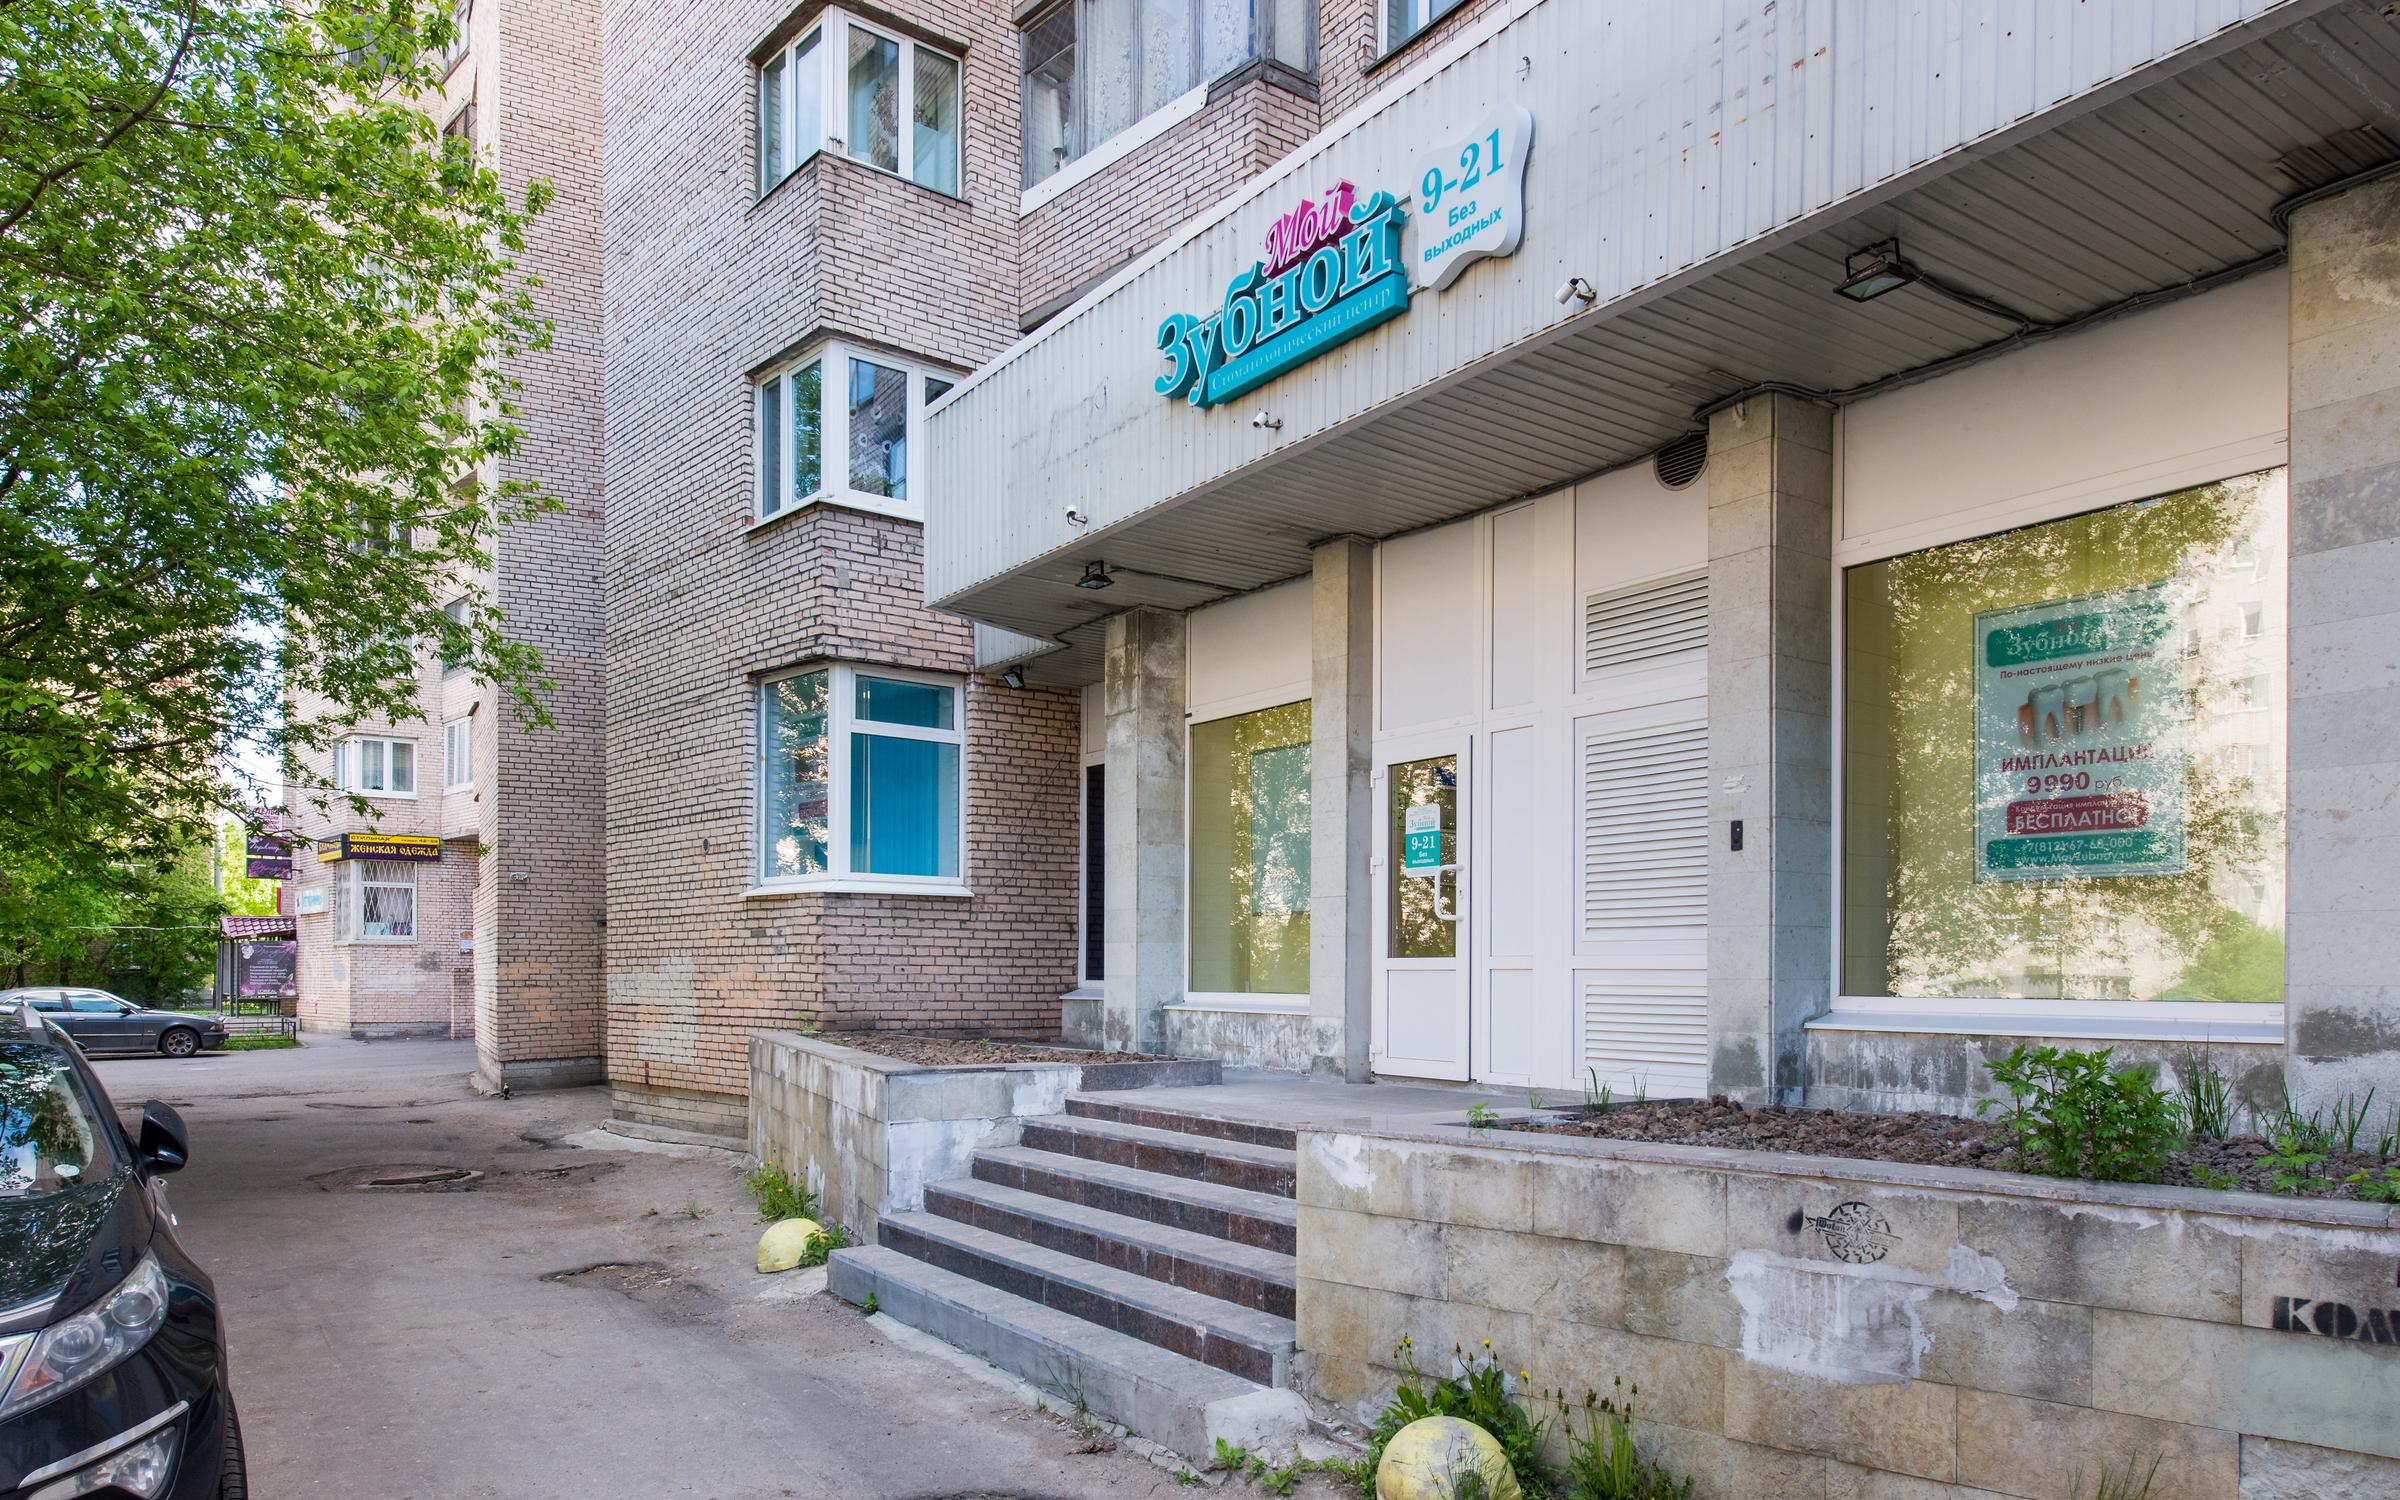 Санкт-петербург медицинская академия интернатура бесплатно медицинская страховая компания макс-м в санкт-петербурге